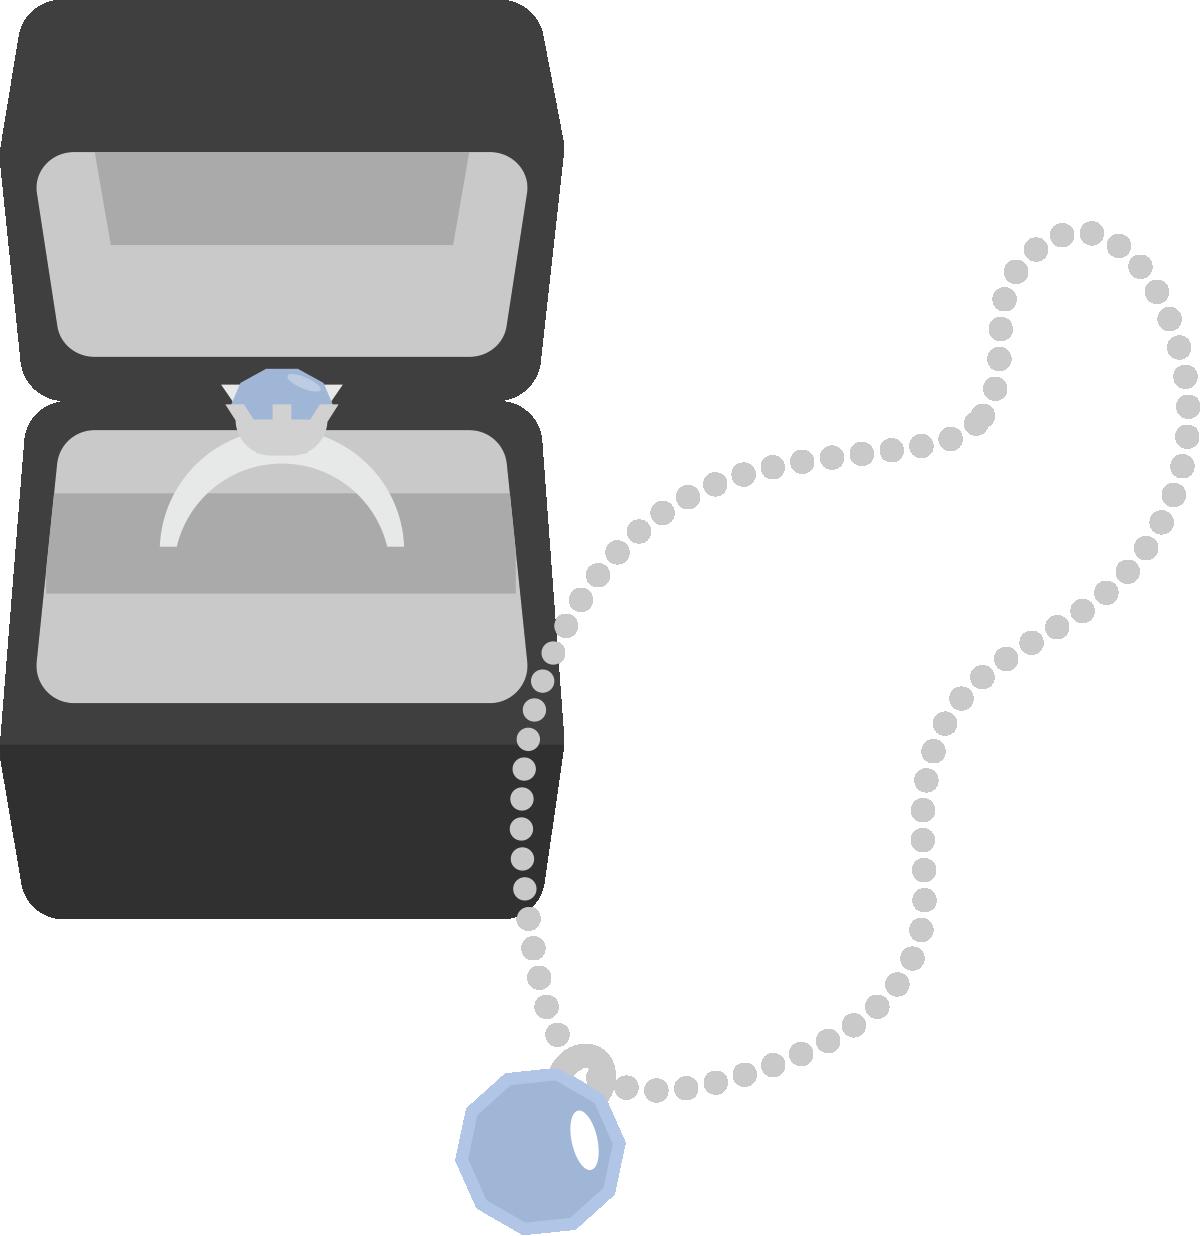 箱に入った指輪とネックレスのイラスト